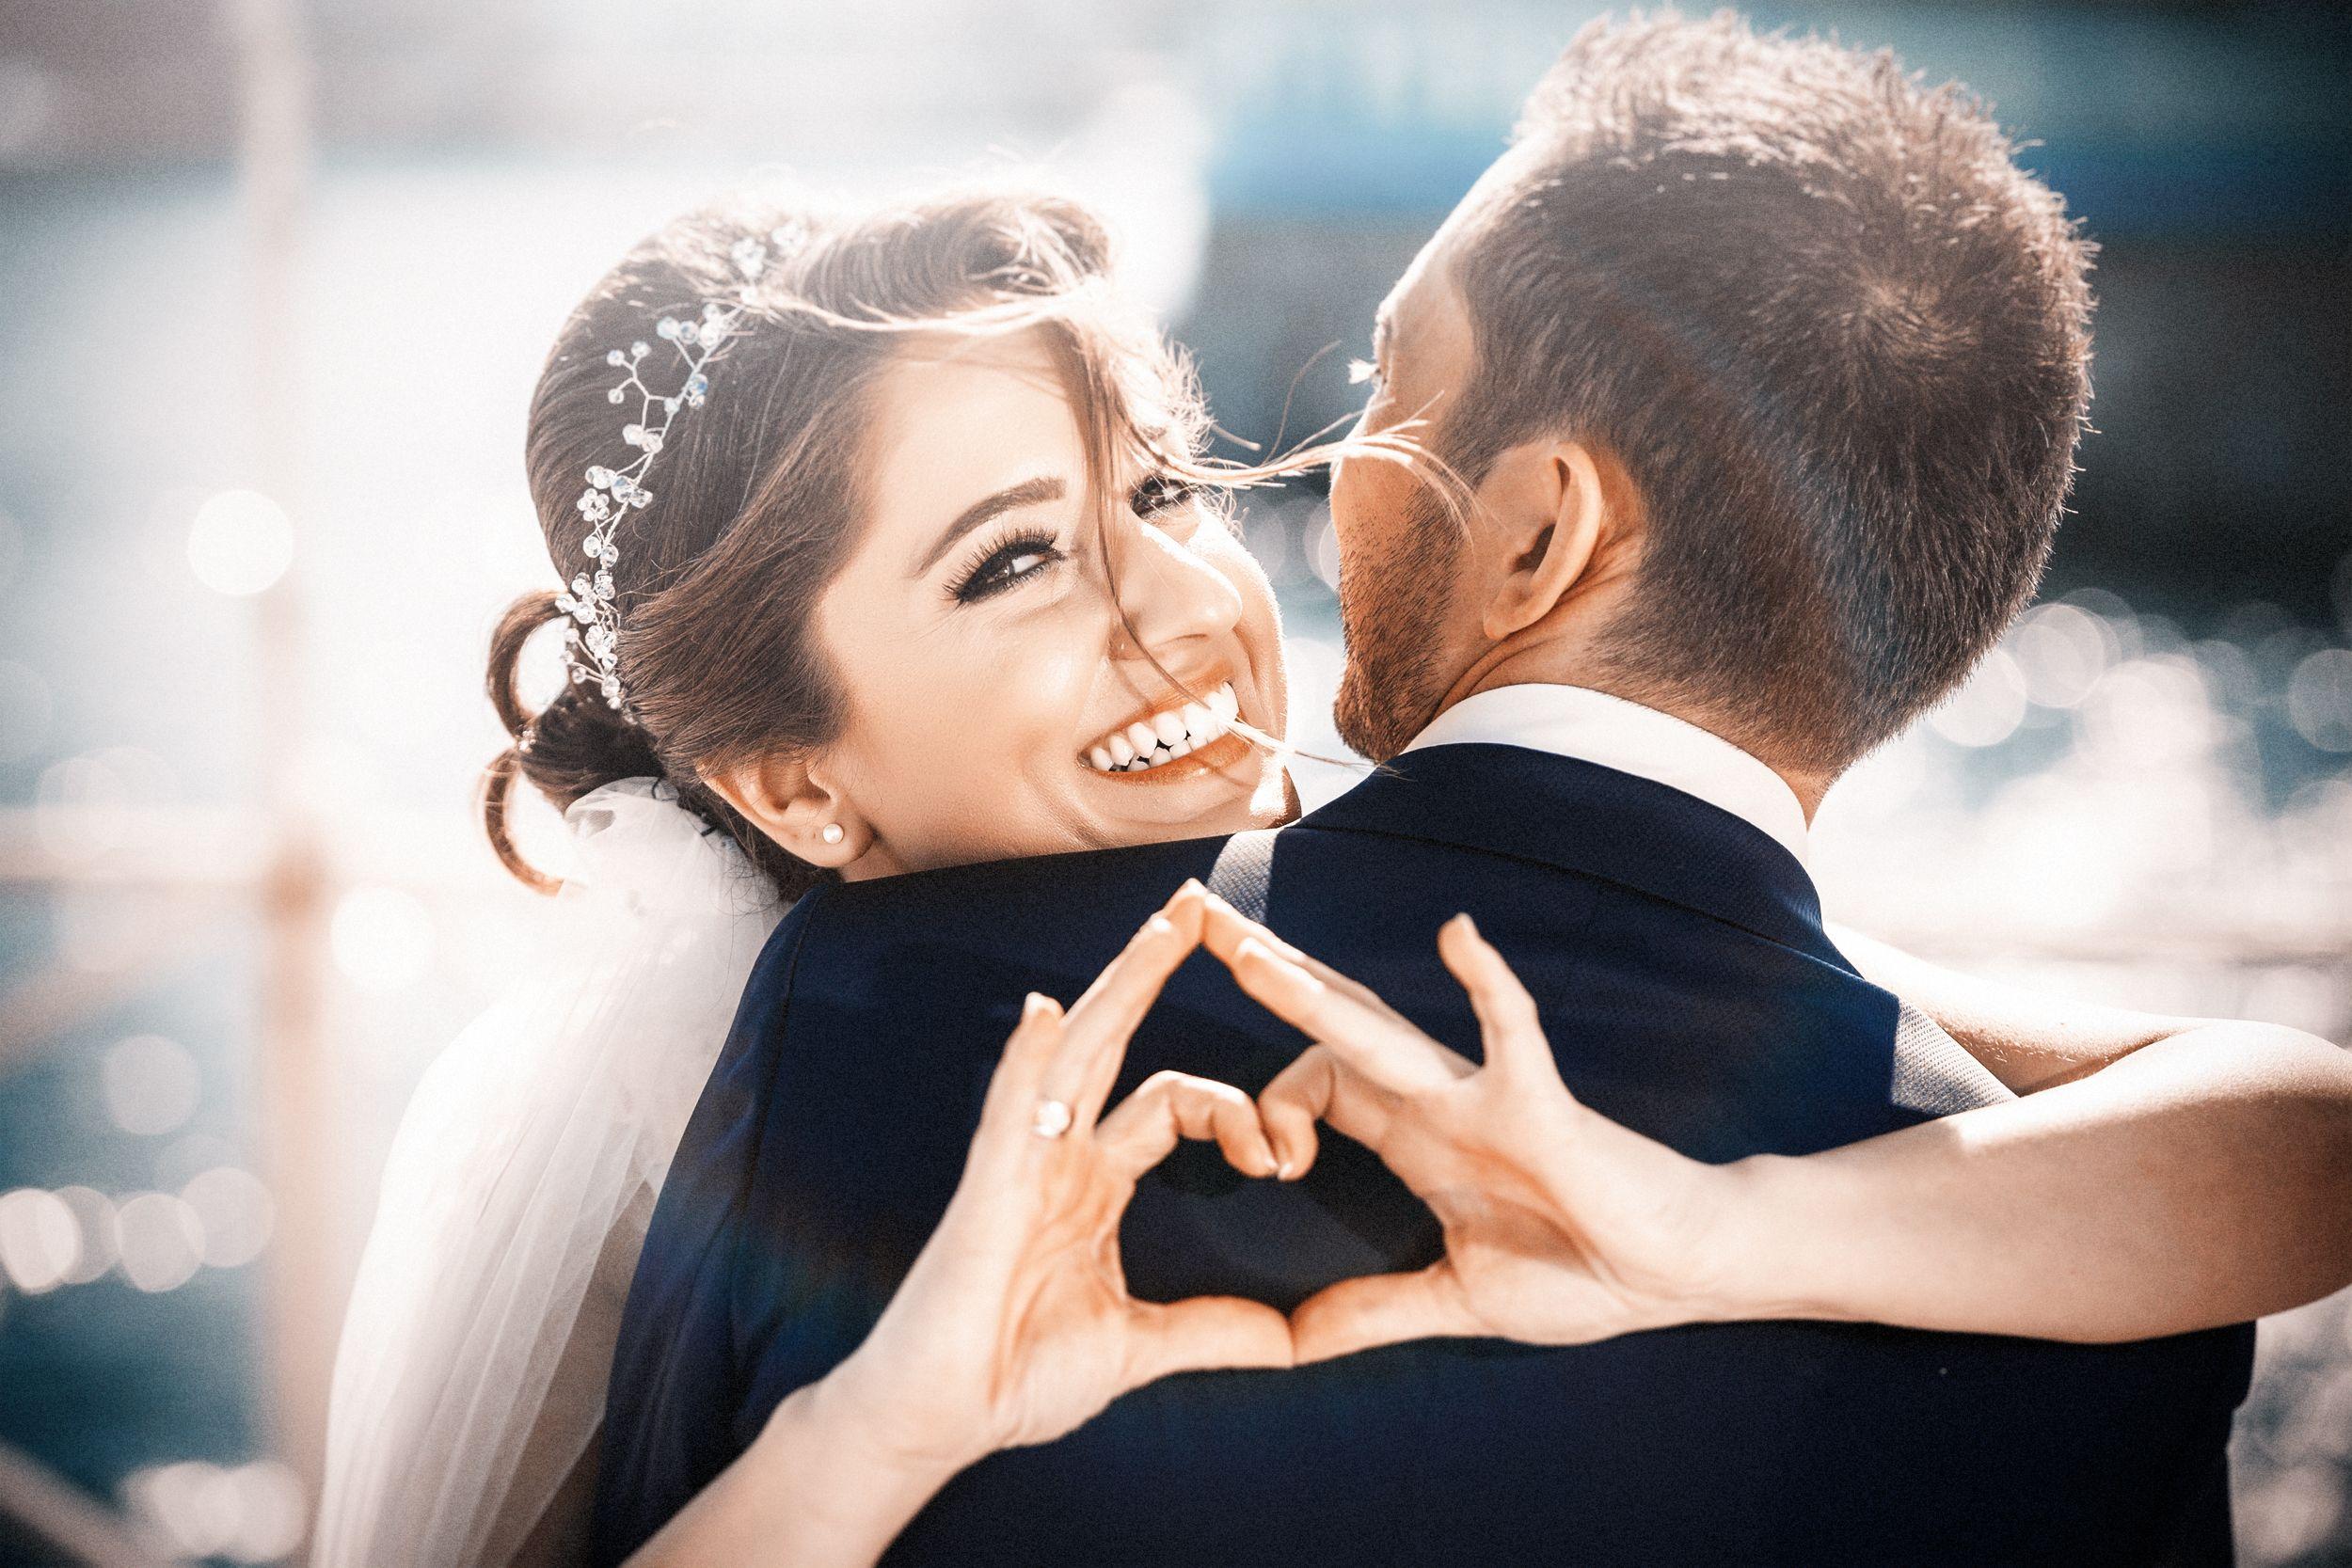 самой фото картинки свадьба пара которым